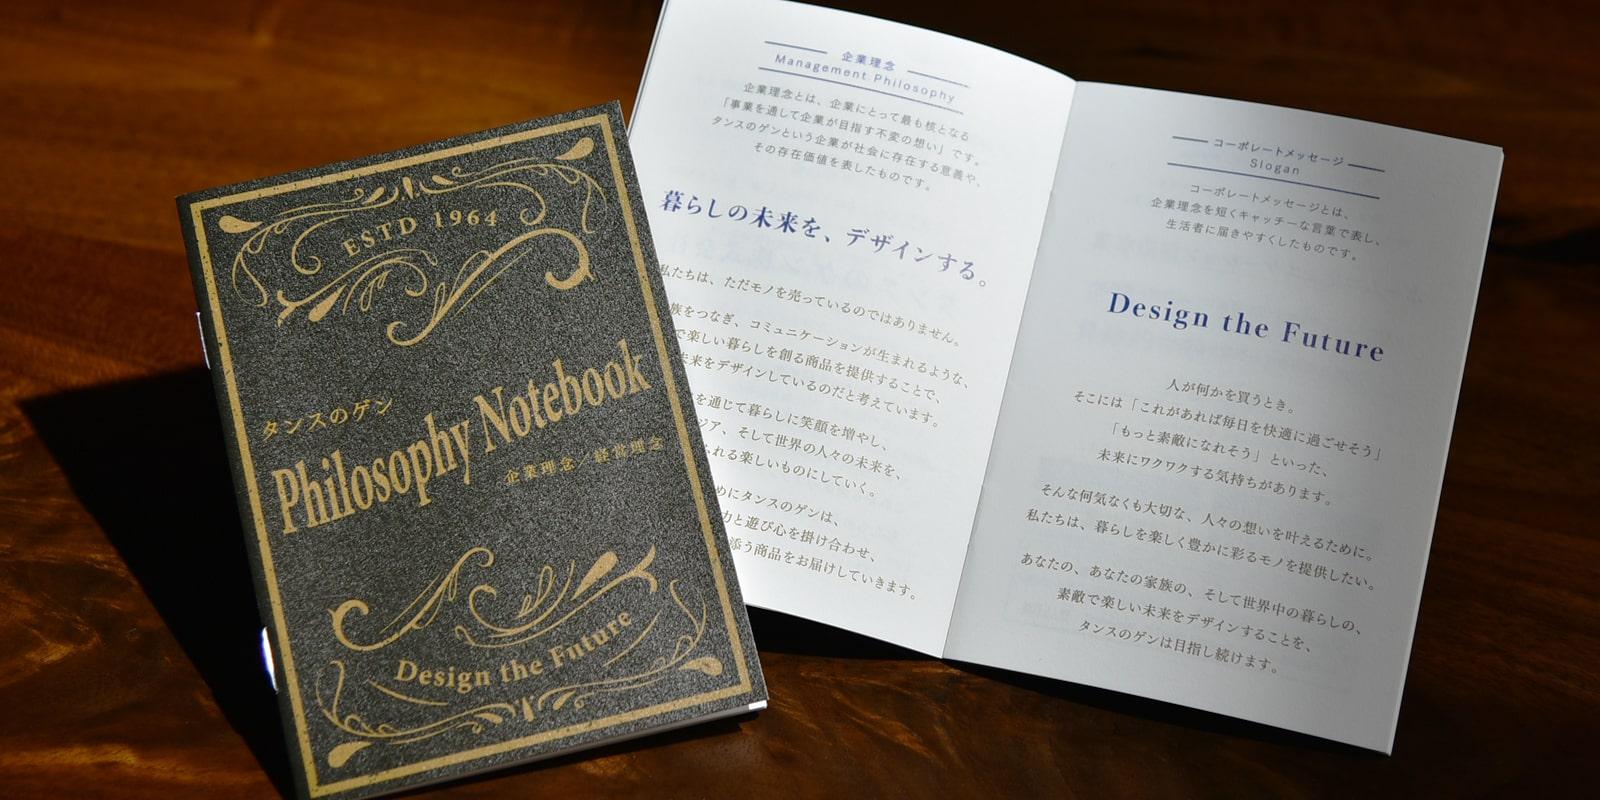 Philosophy Notebook